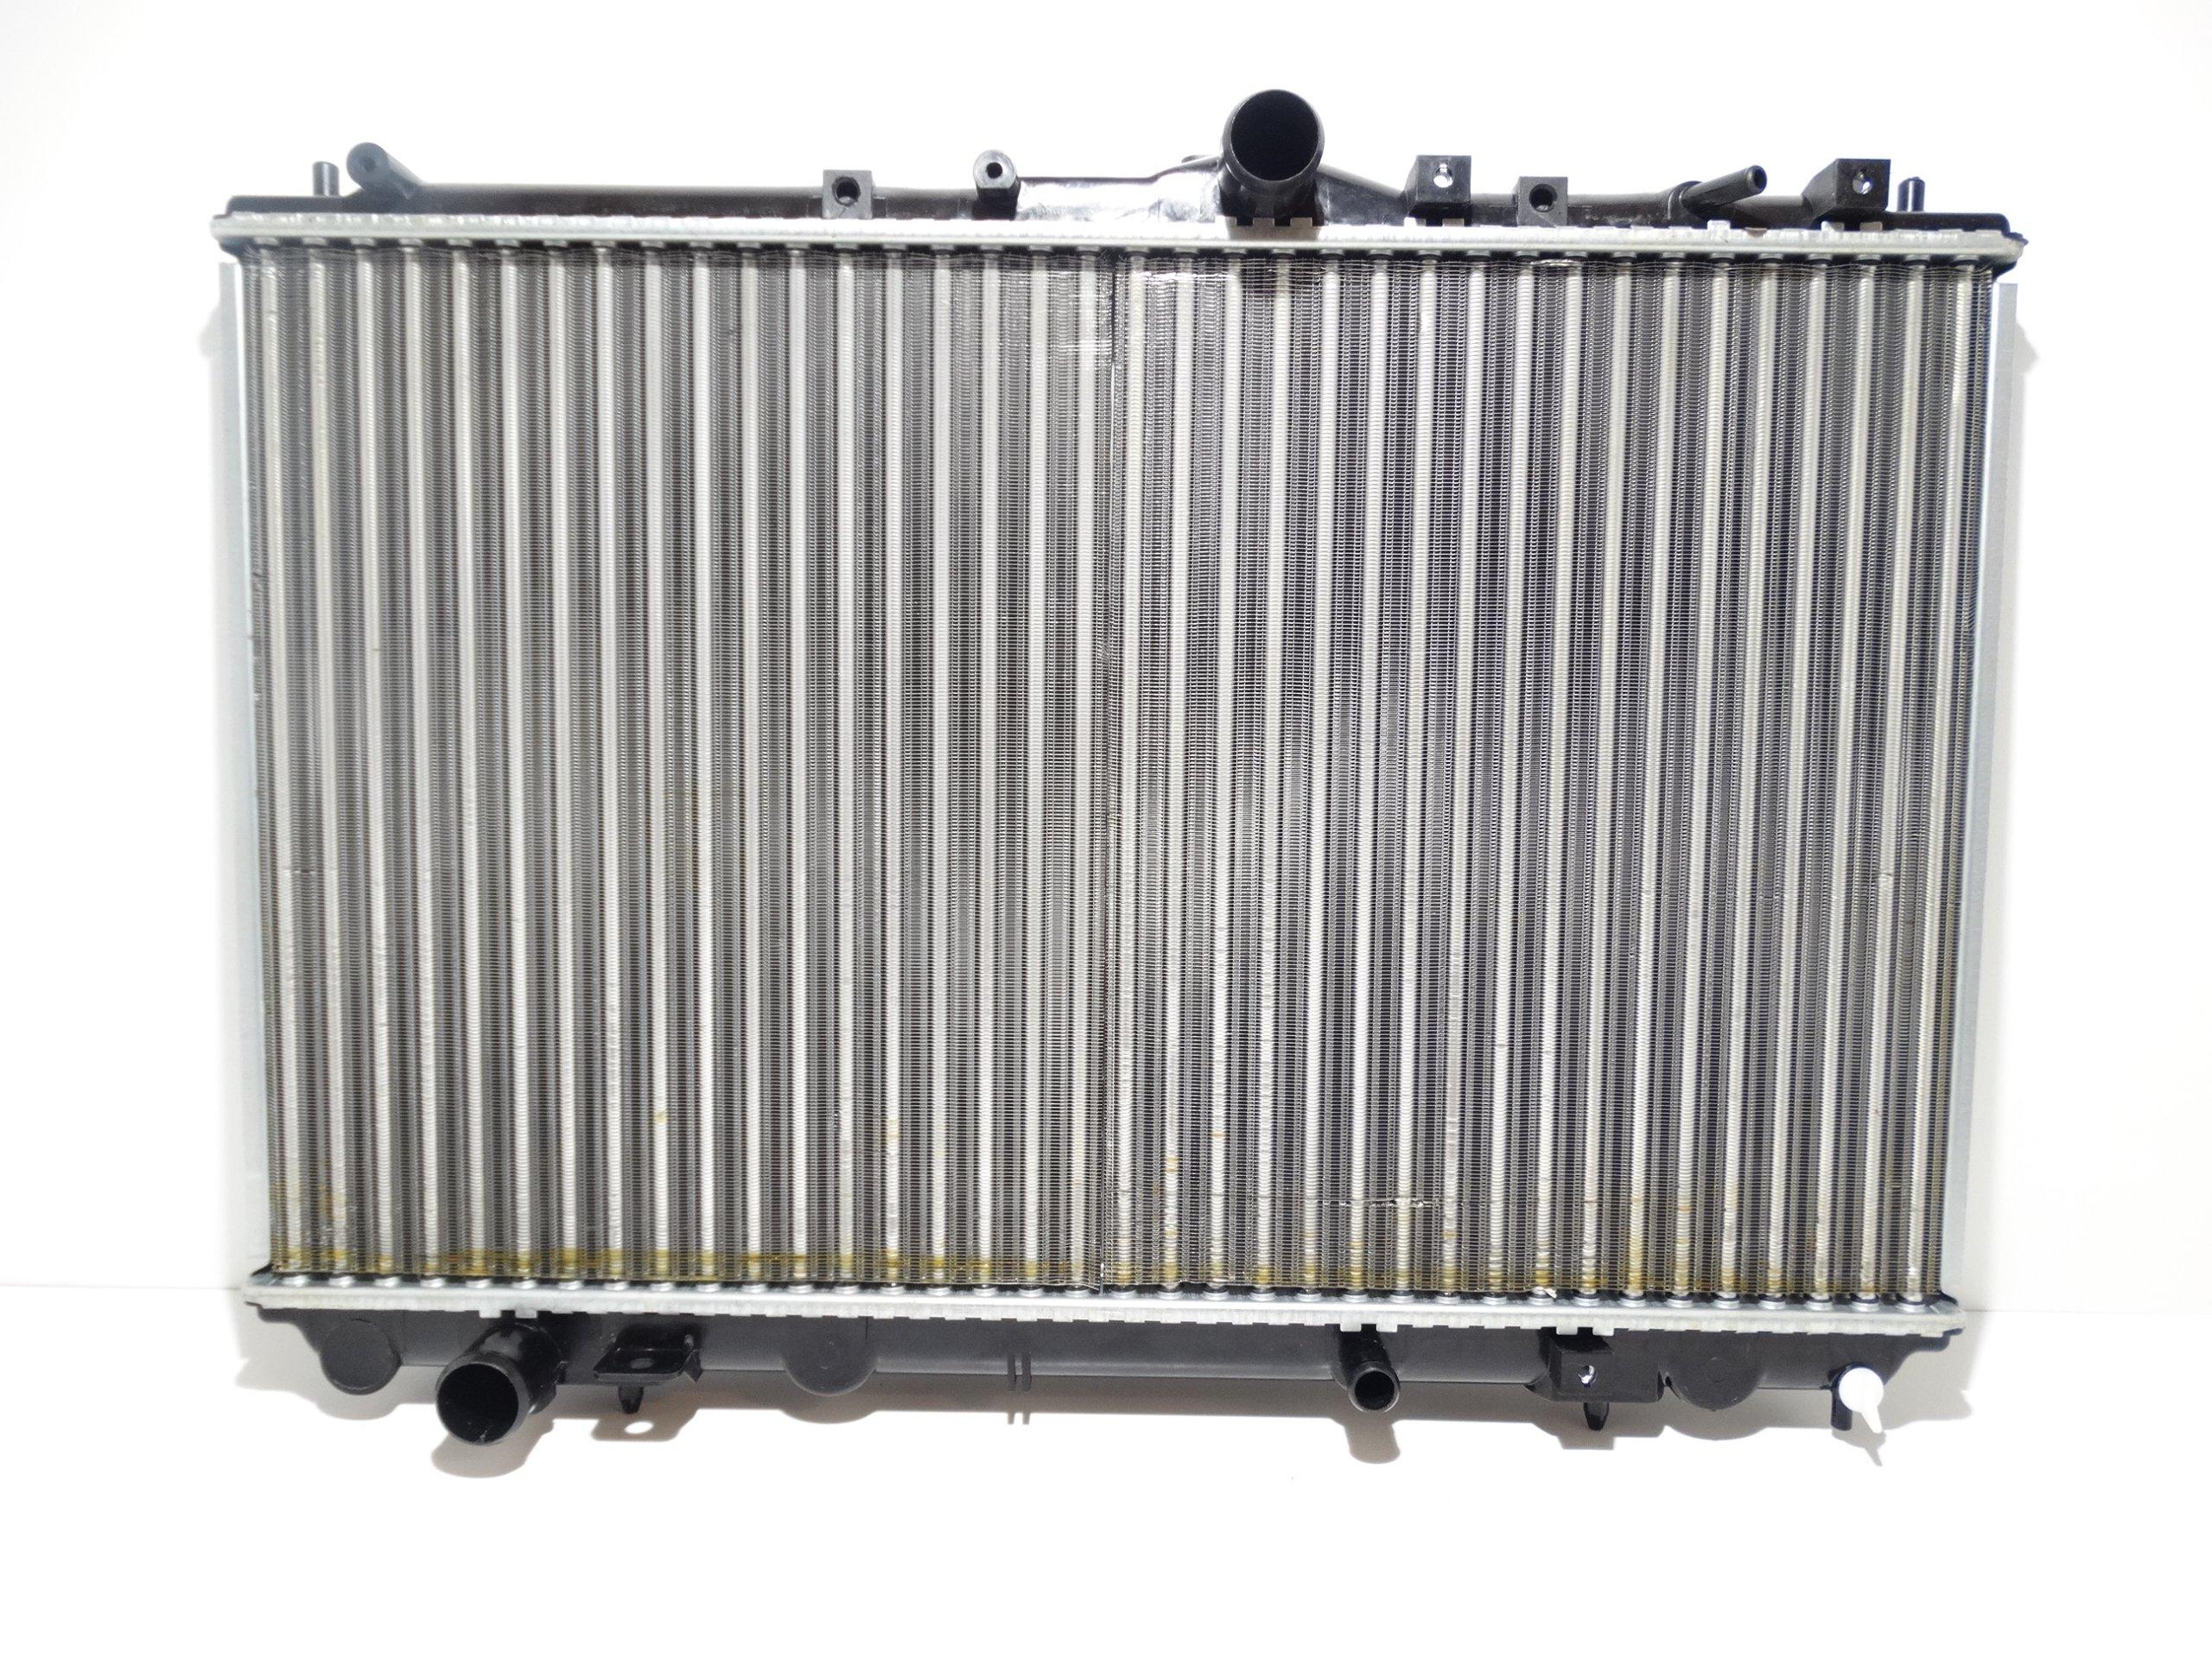 радиатор воды volvo v40 s40 1995-1999 16 18 20